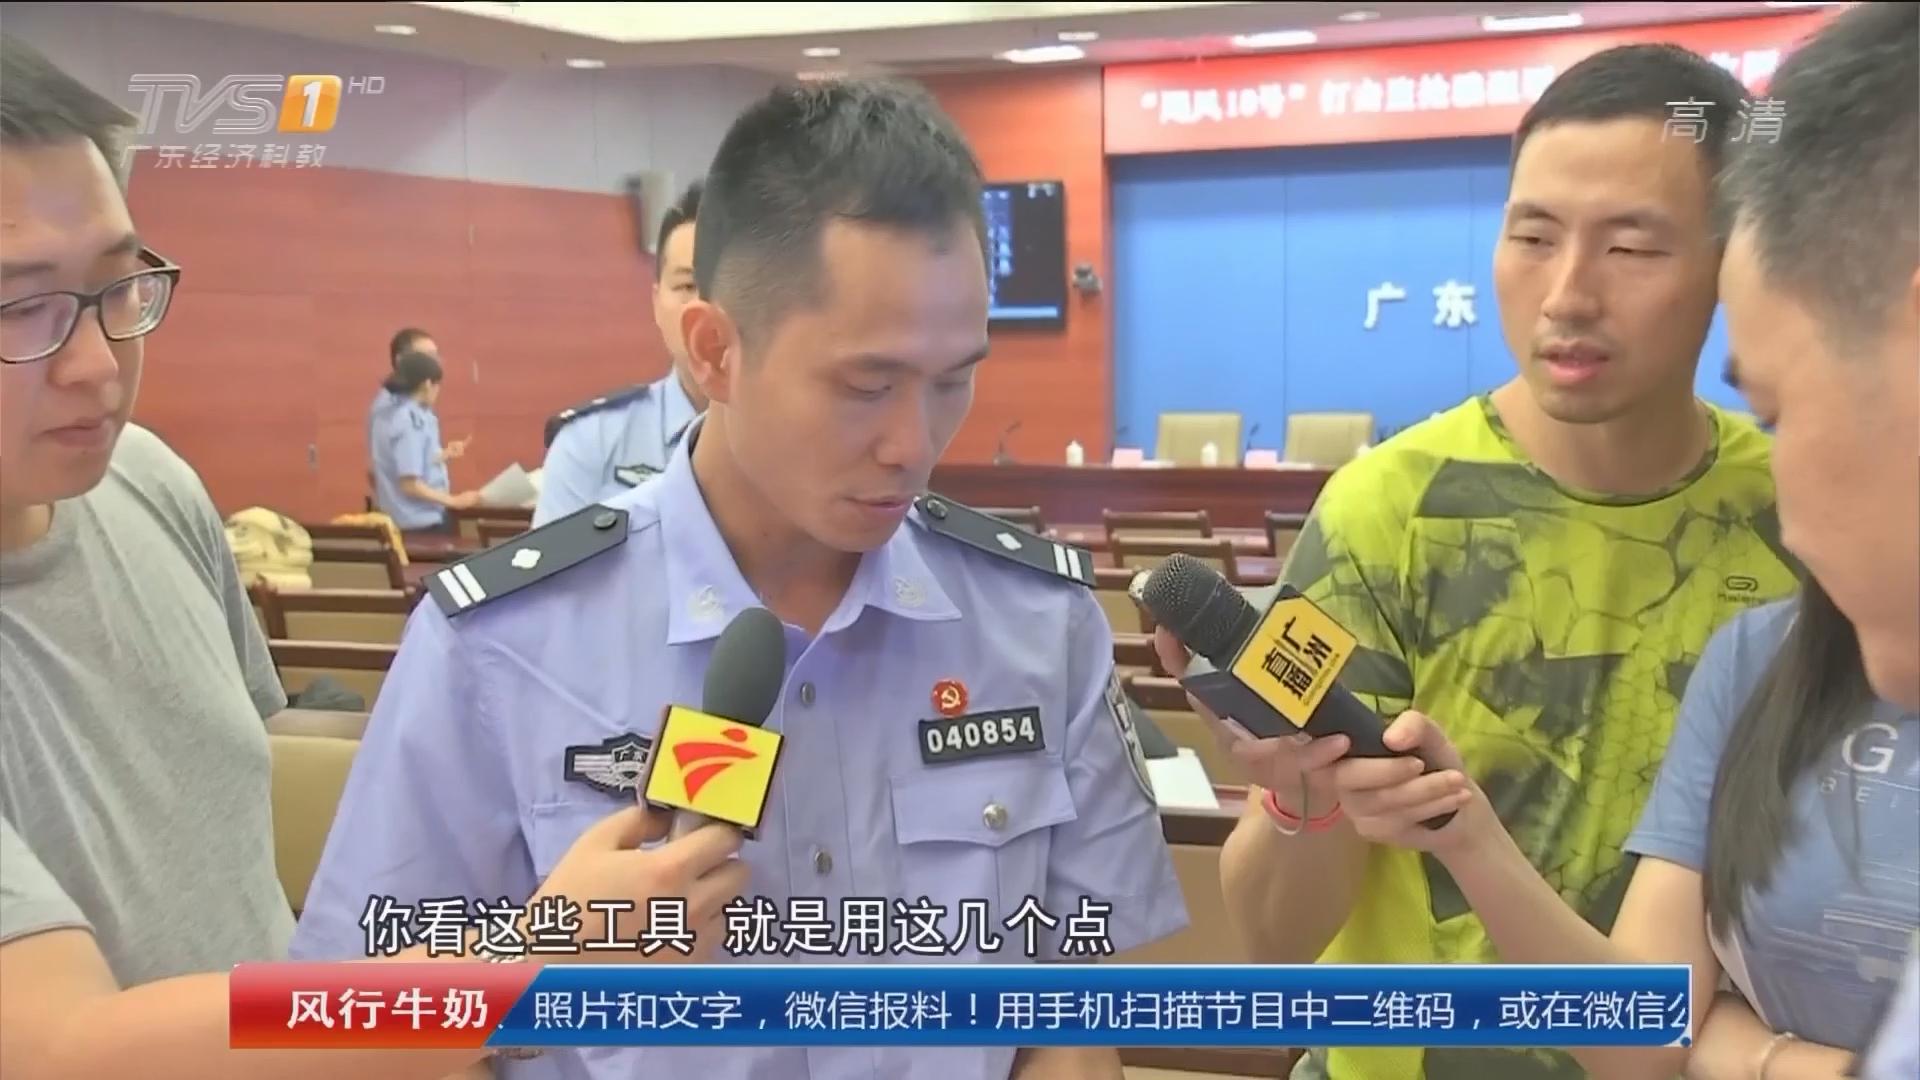 """创建平安广东:""""飓风18号""""收网 成年人操控未成年人偷盗 46人落网"""